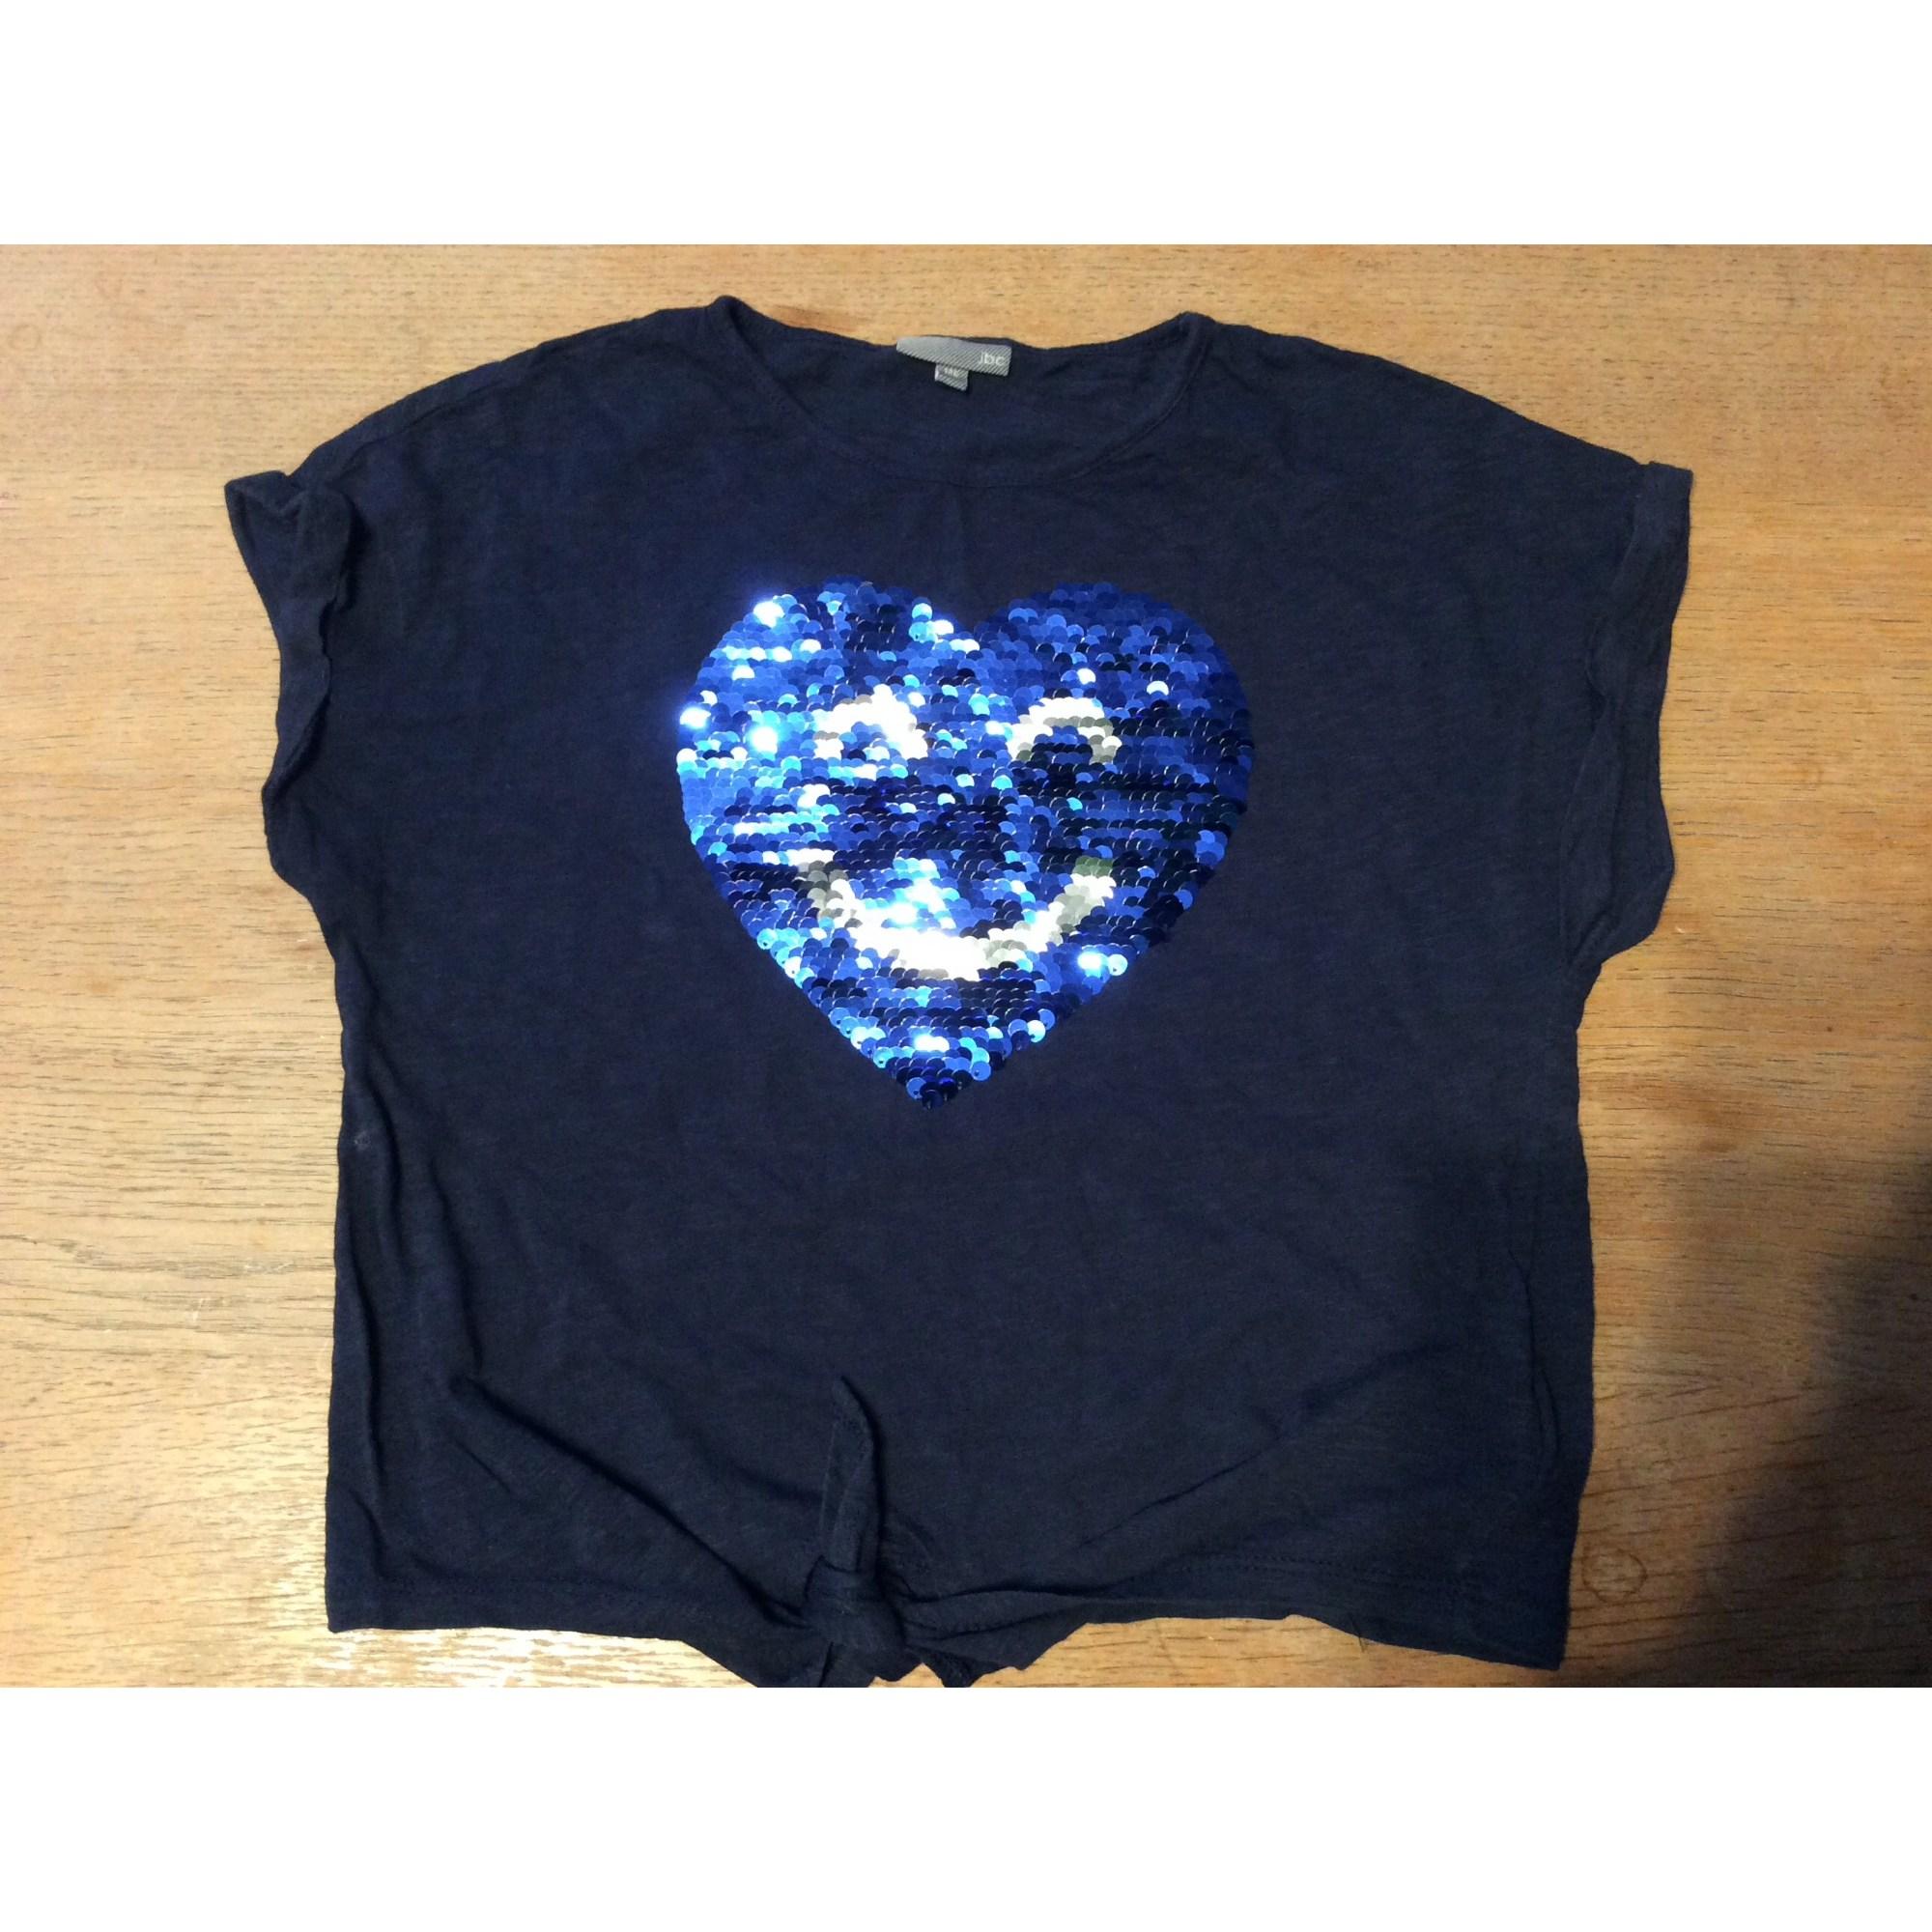 Top, Tee-shirt JBC Bleu, bleu marine, bleu turquoise